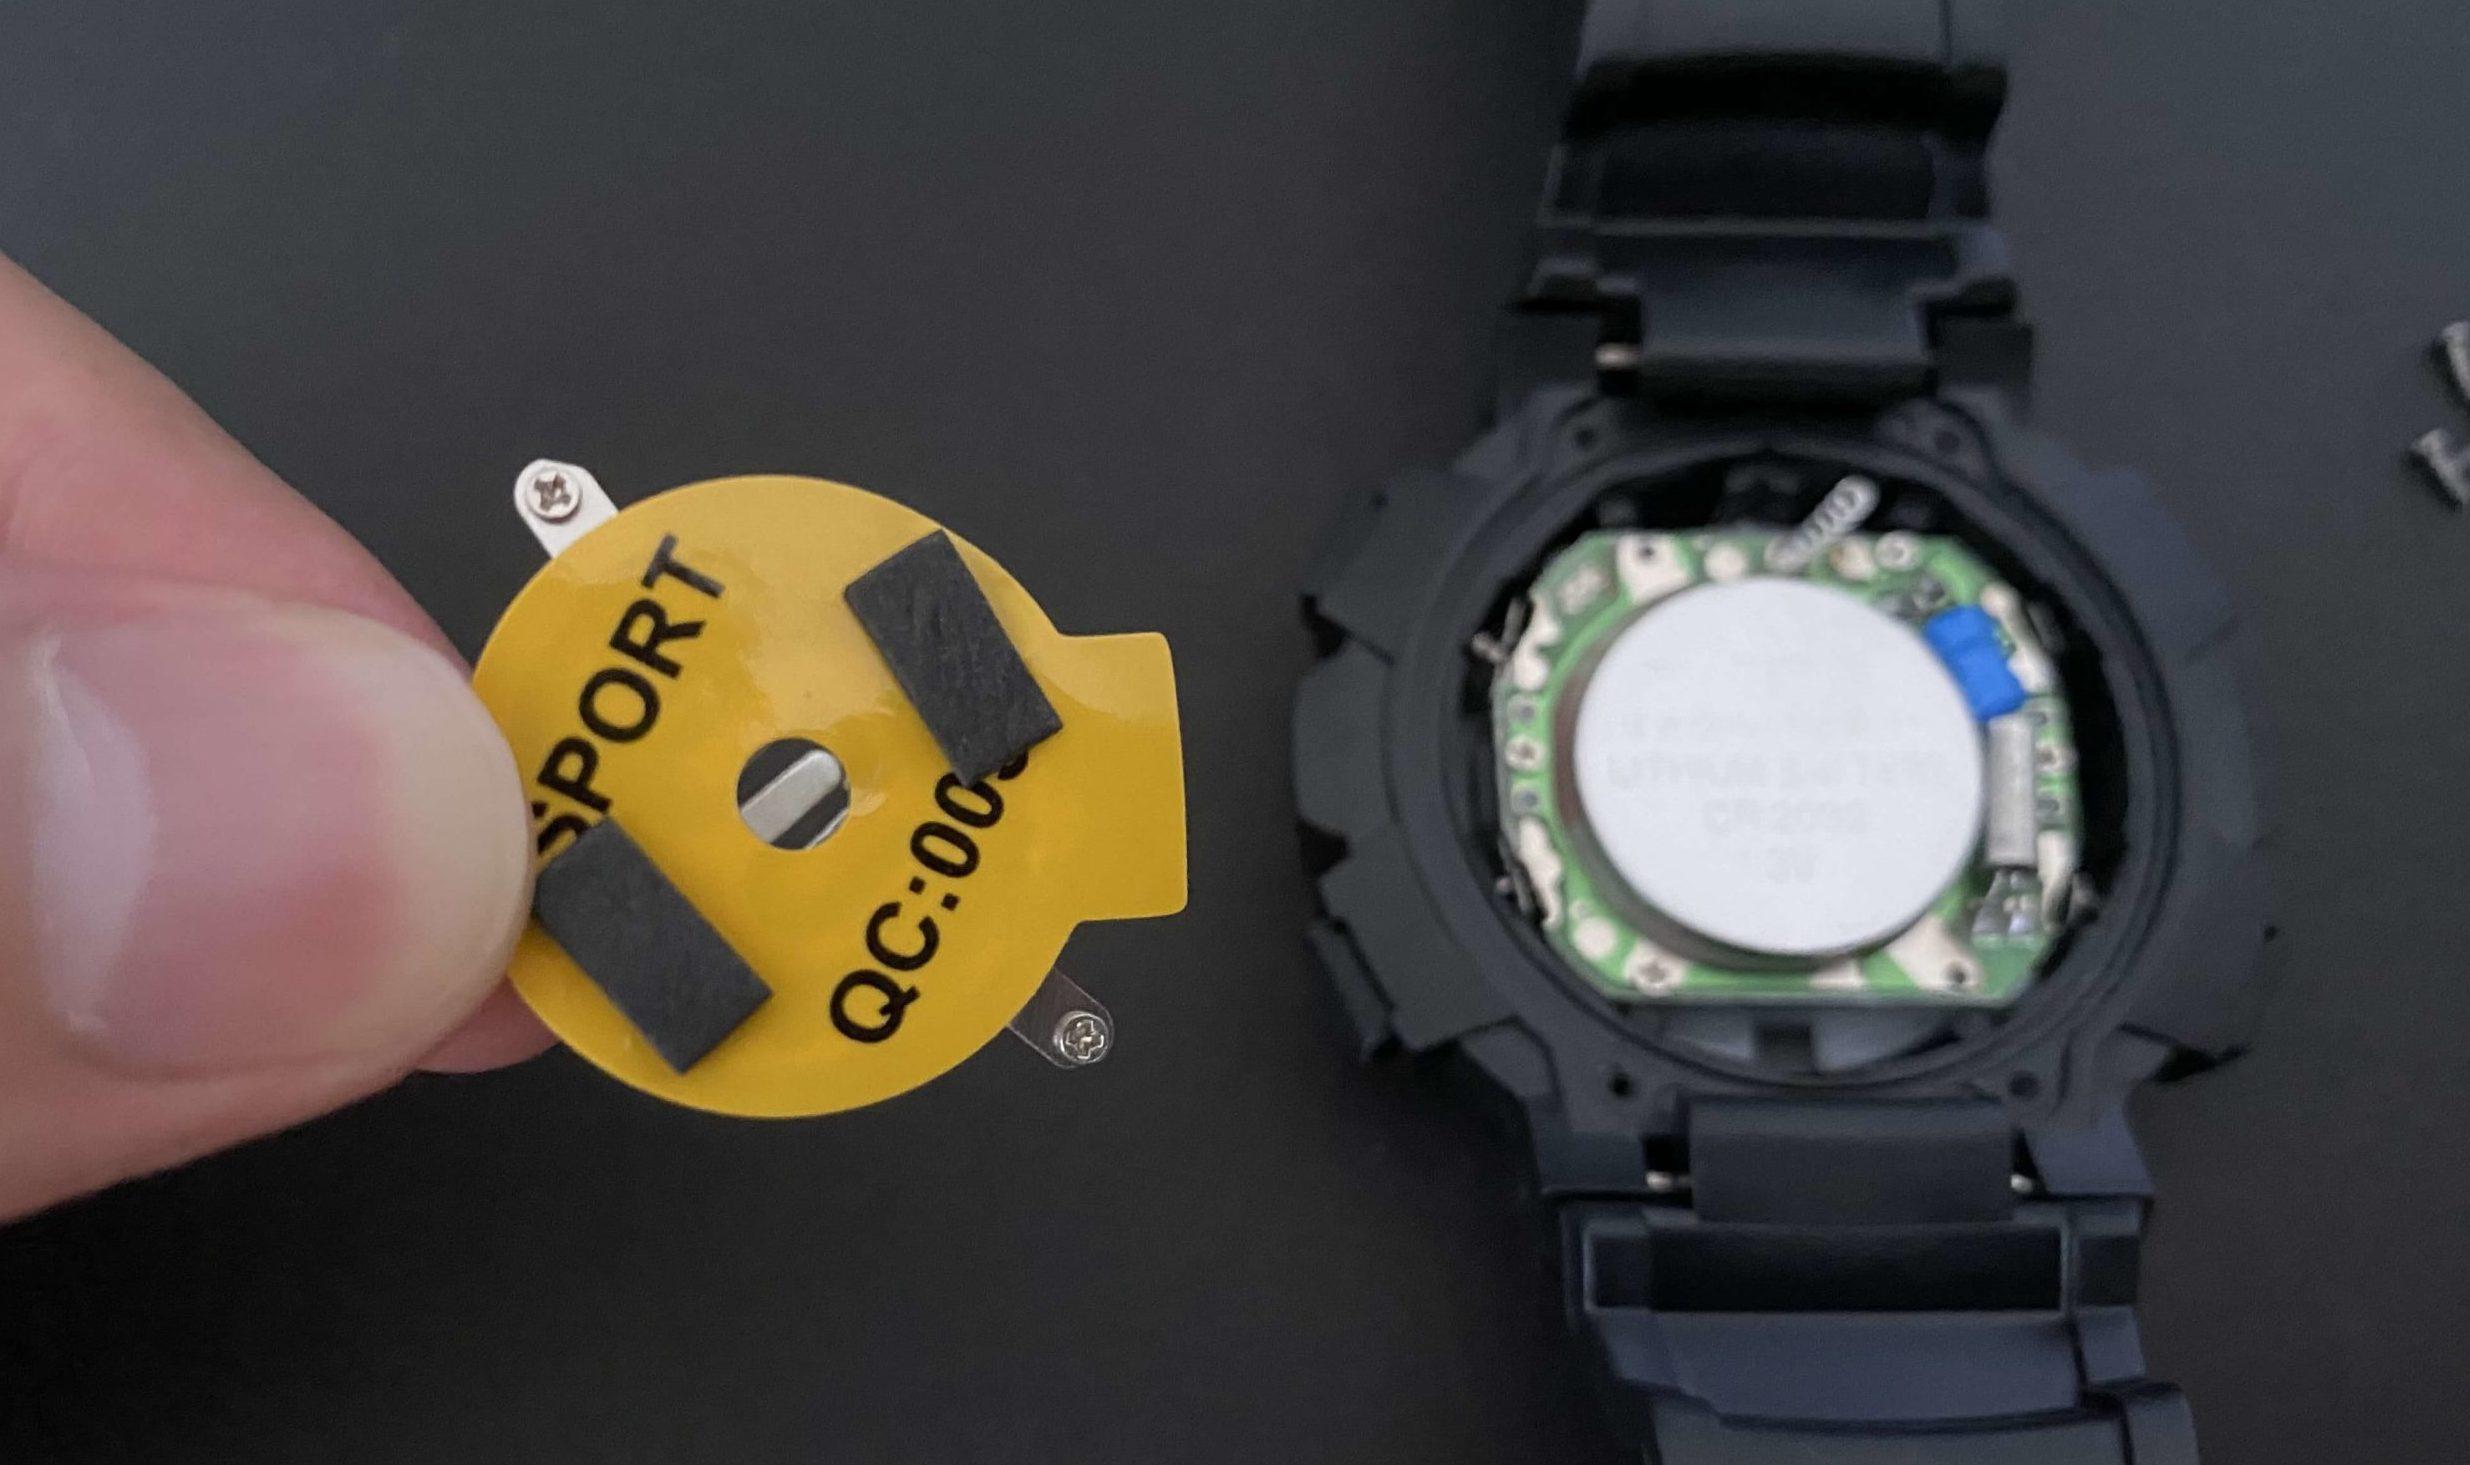 ダイソー腕時計の中からCR2032電池が出てきた状態